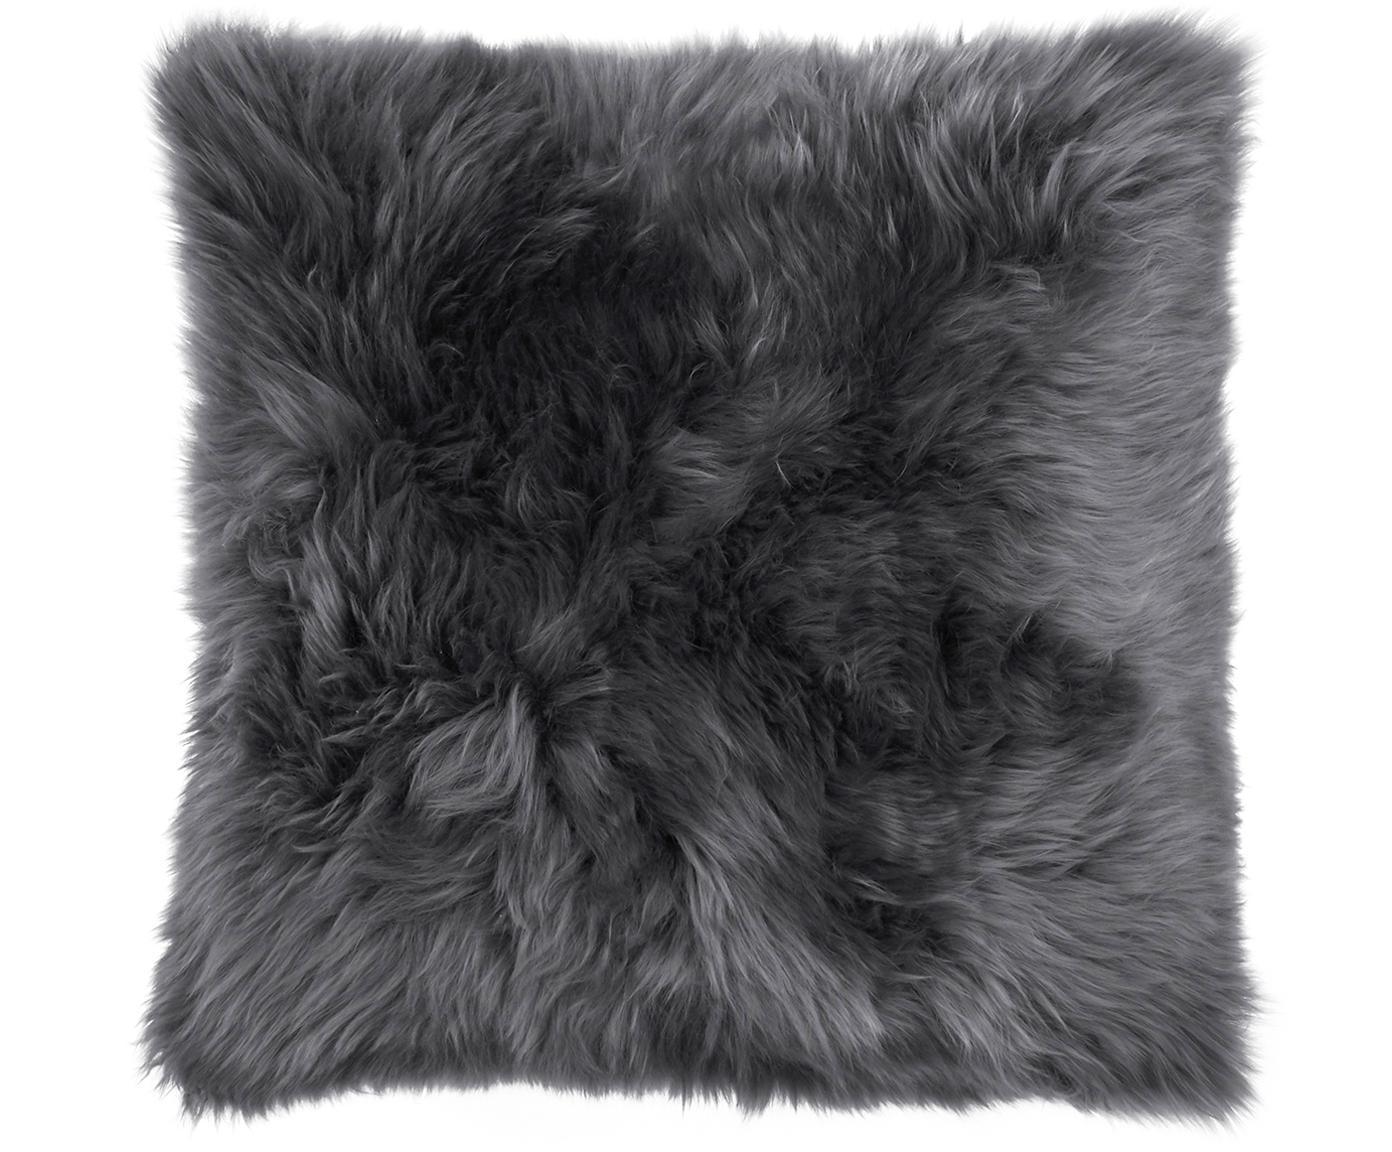 Kussenhoes van schapenvacht Oslo, glad, Voorzijde: donkergrijs Achterzijde: donkergrijs, 40 x 40 cm